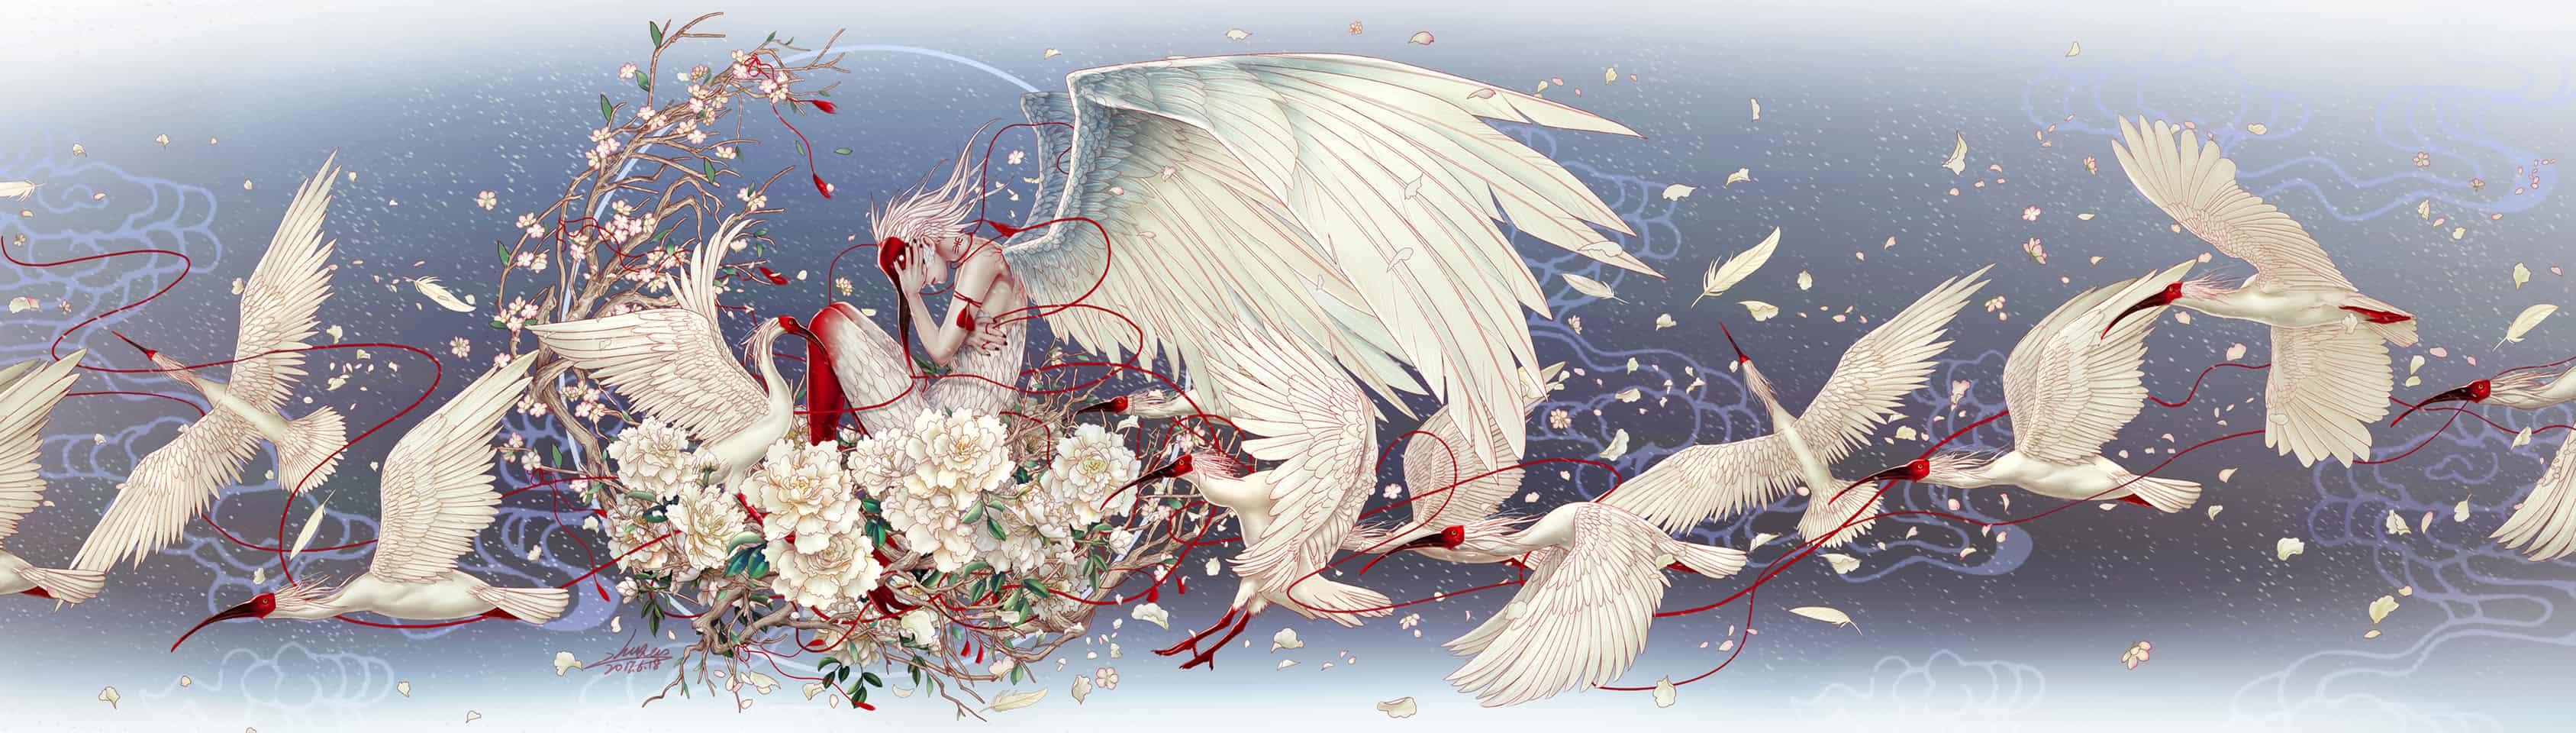 《迁徙》 Illust of 朱儿 飞鸟 flower 飘渺 风华雪月 东方意境 红线 工笔线描 朱鹮